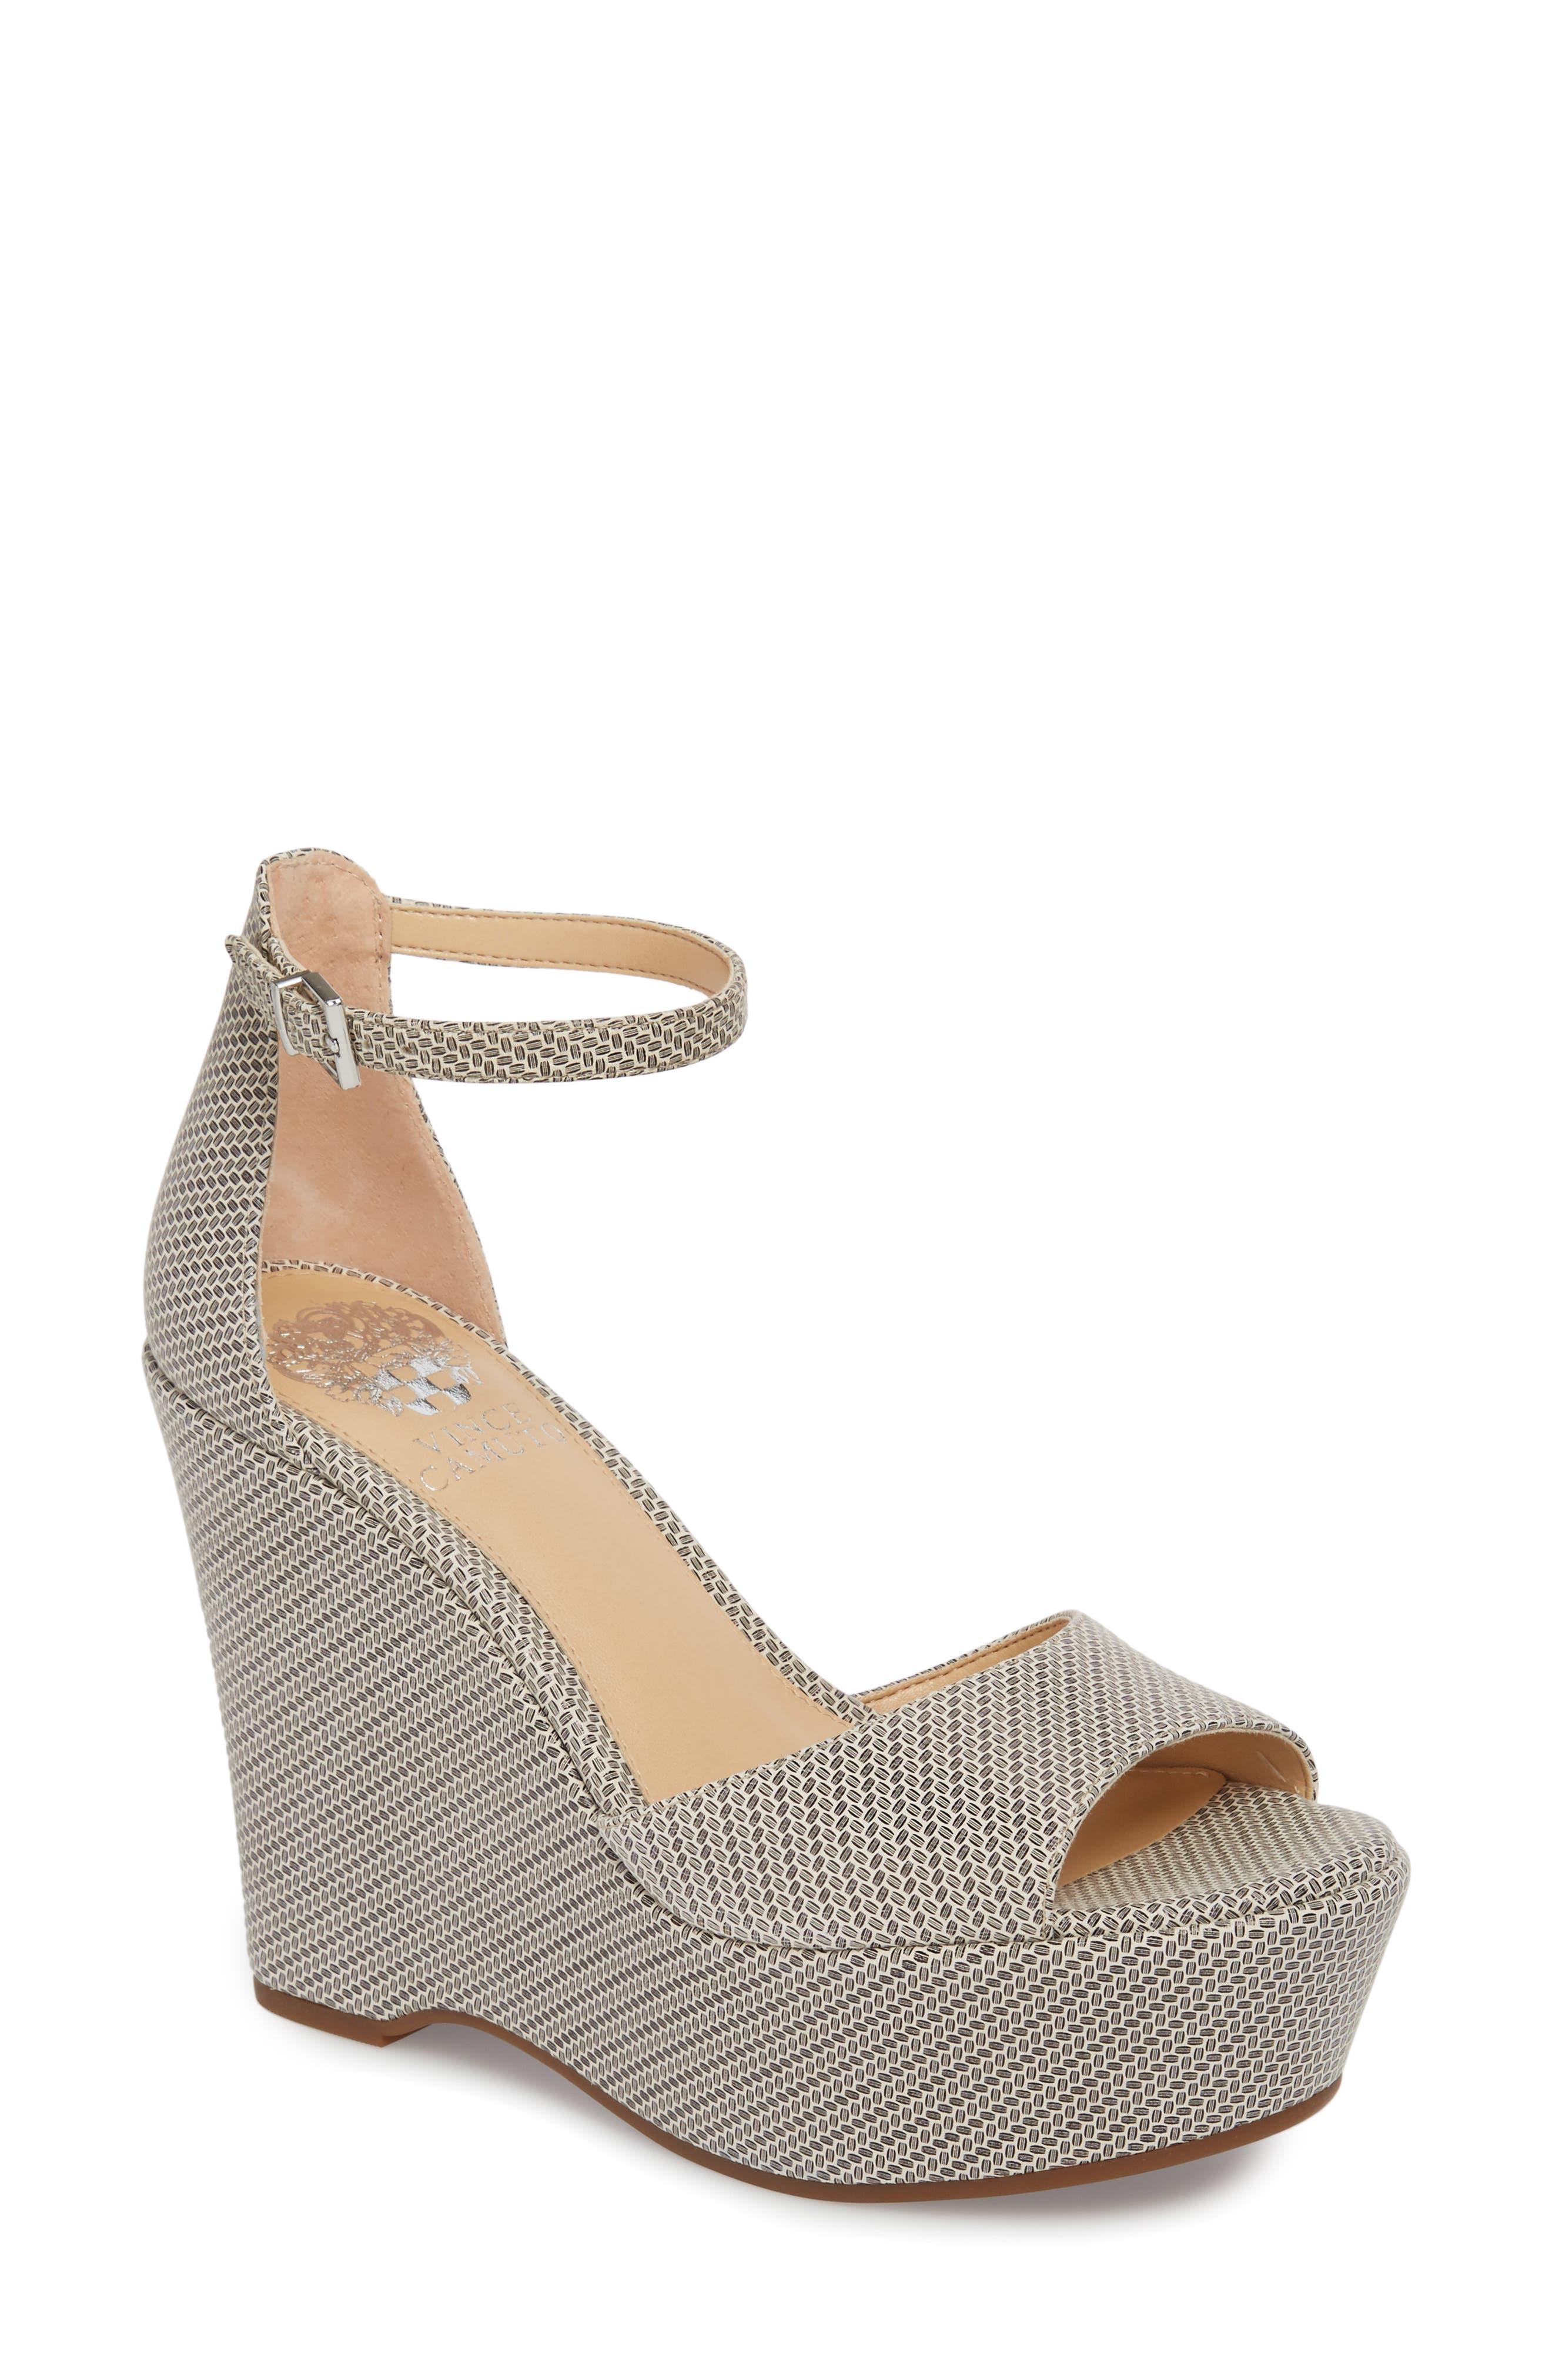 Tatchen Ankle Strap Platform Sandal,                             Main thumbnail 1, color,                             002